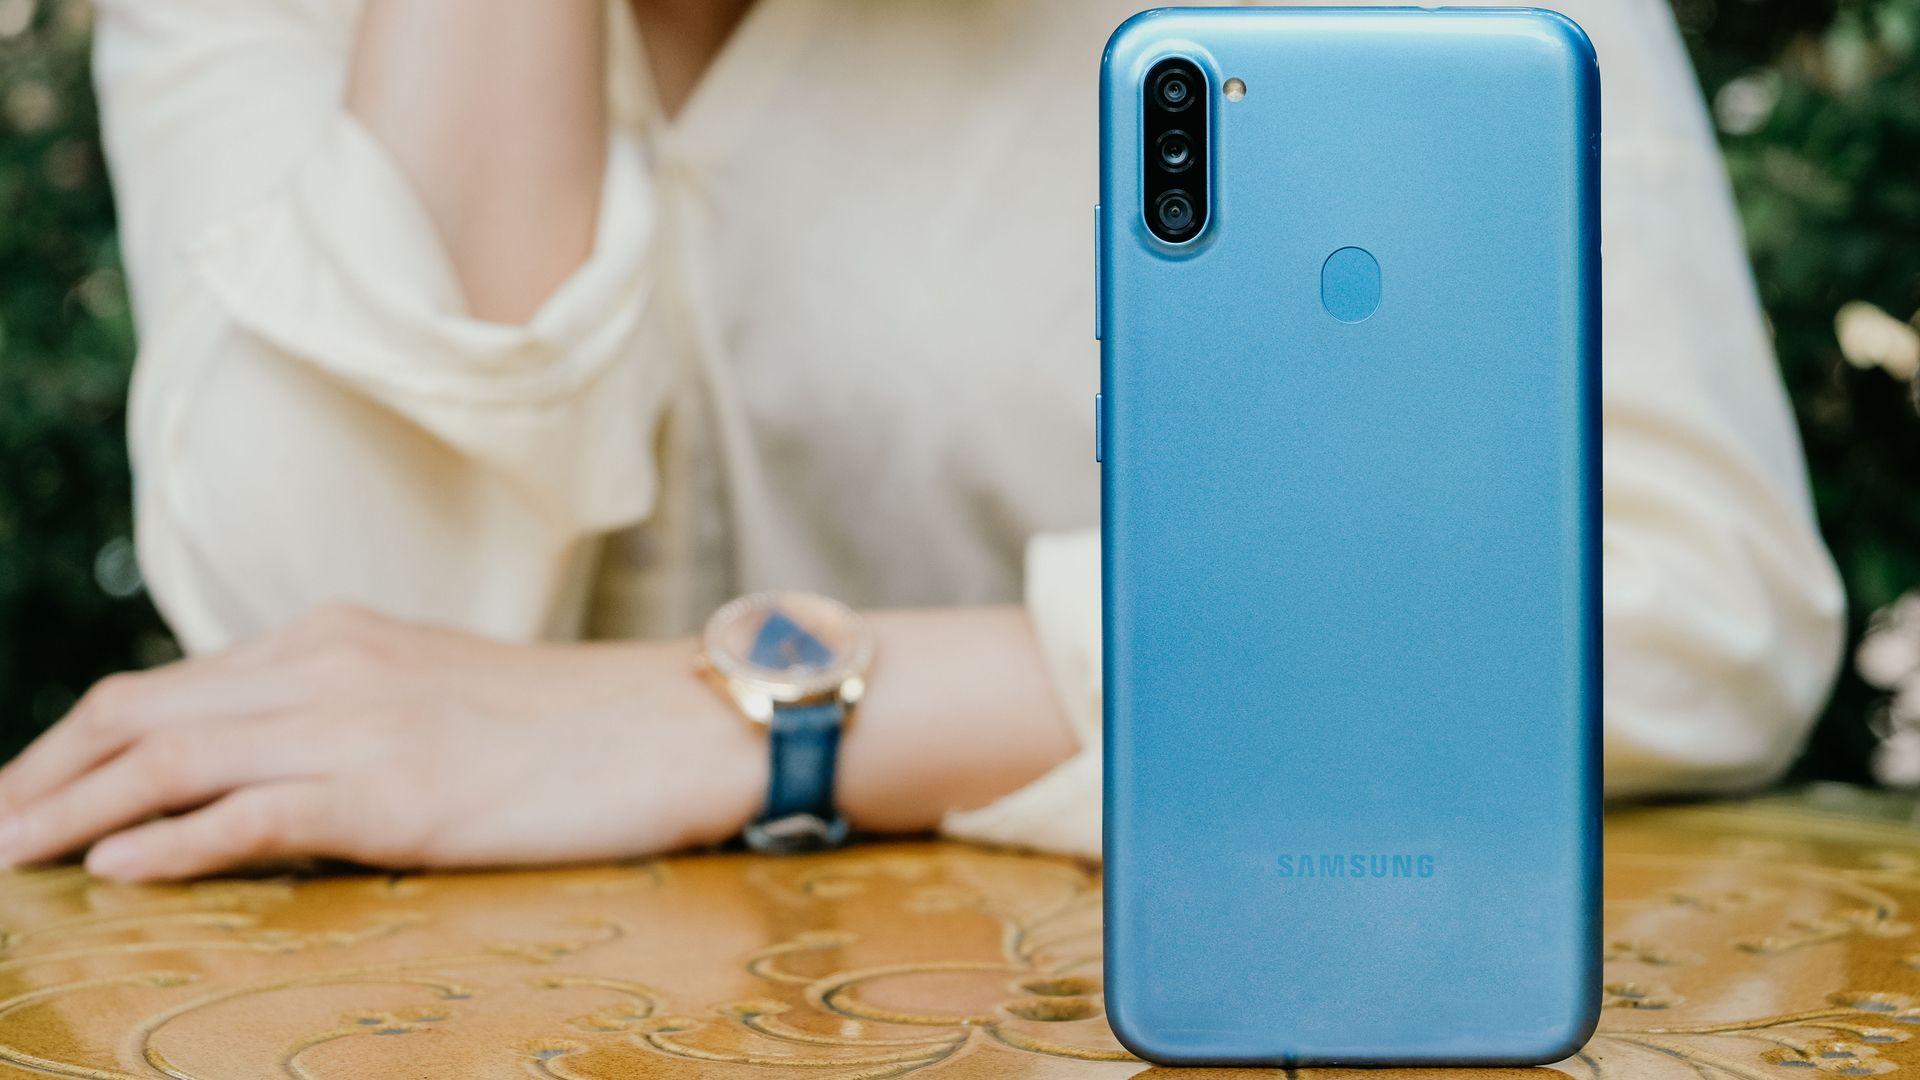 Galaxy A11 é o novo smartphone de entrada da Samsung. (Imagem: Framesira/Shutterstock)